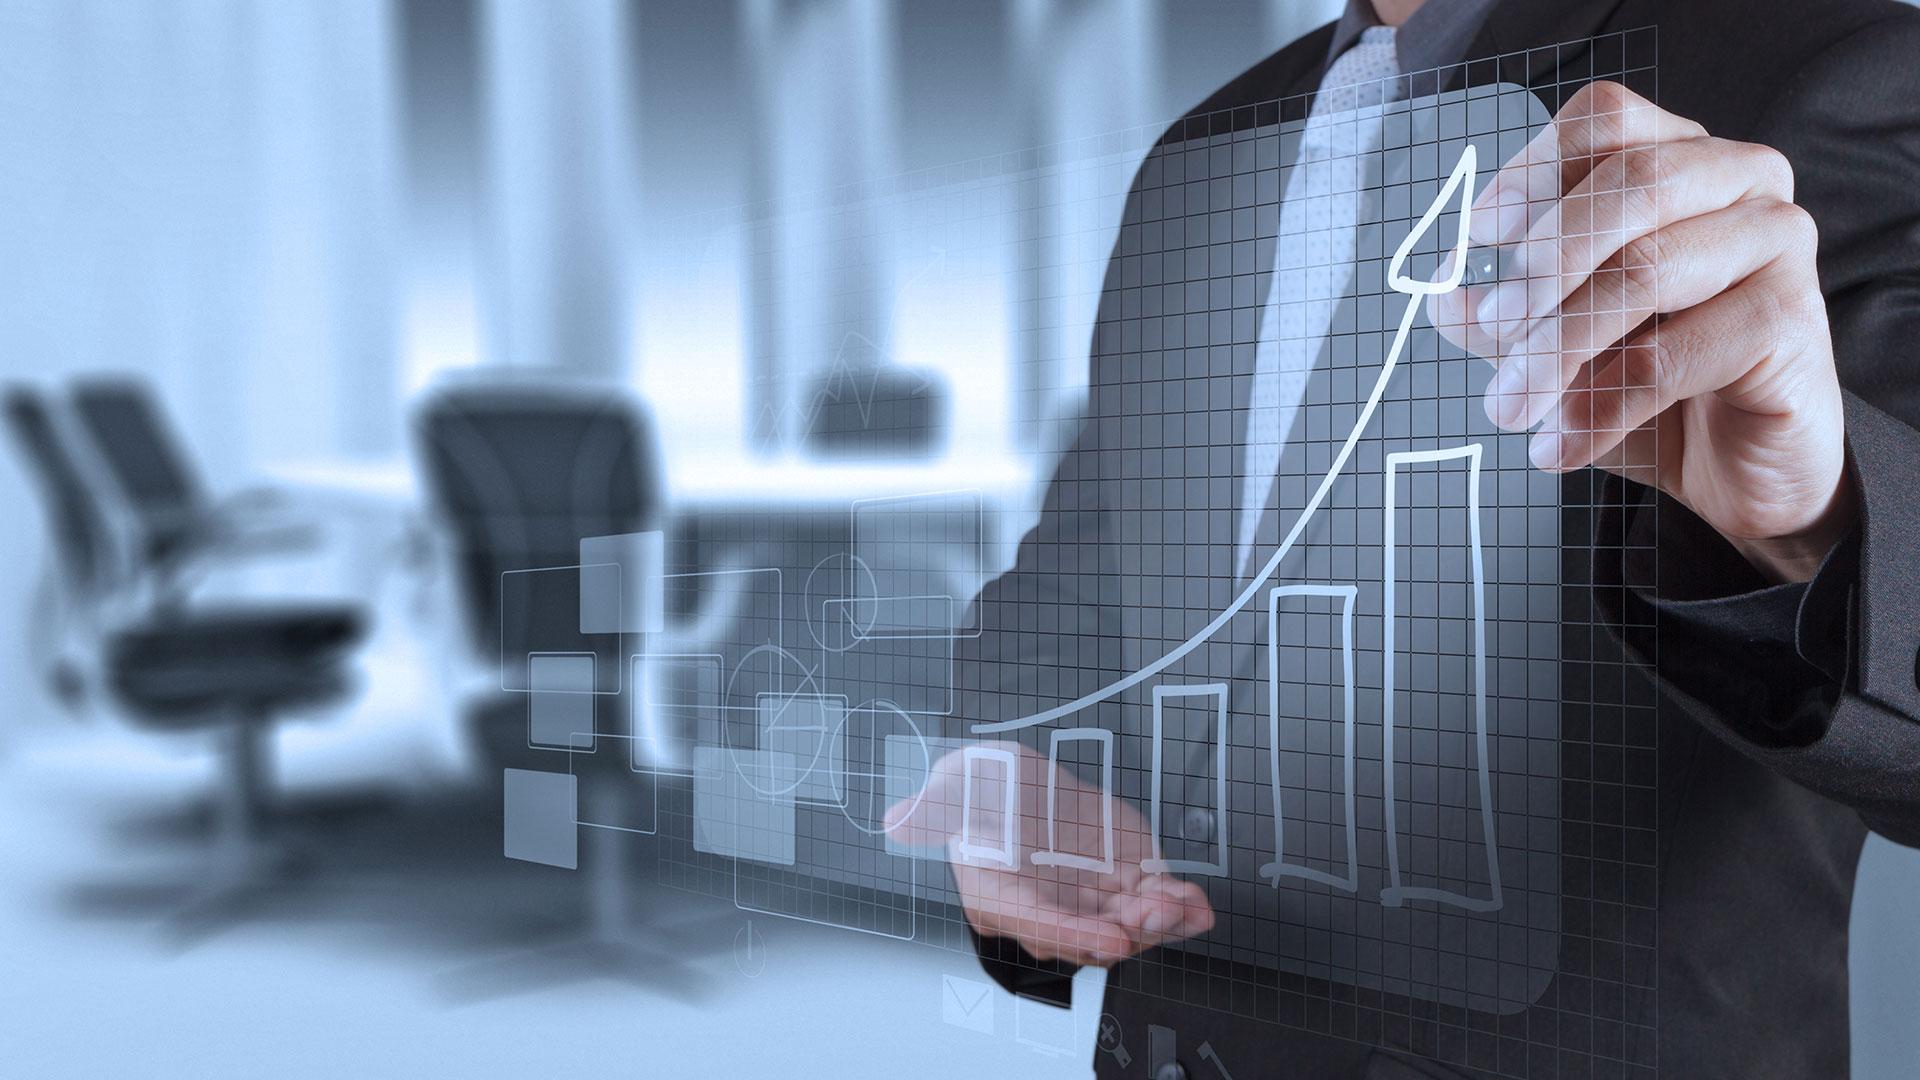 Современные технологии для успешного бизнеса